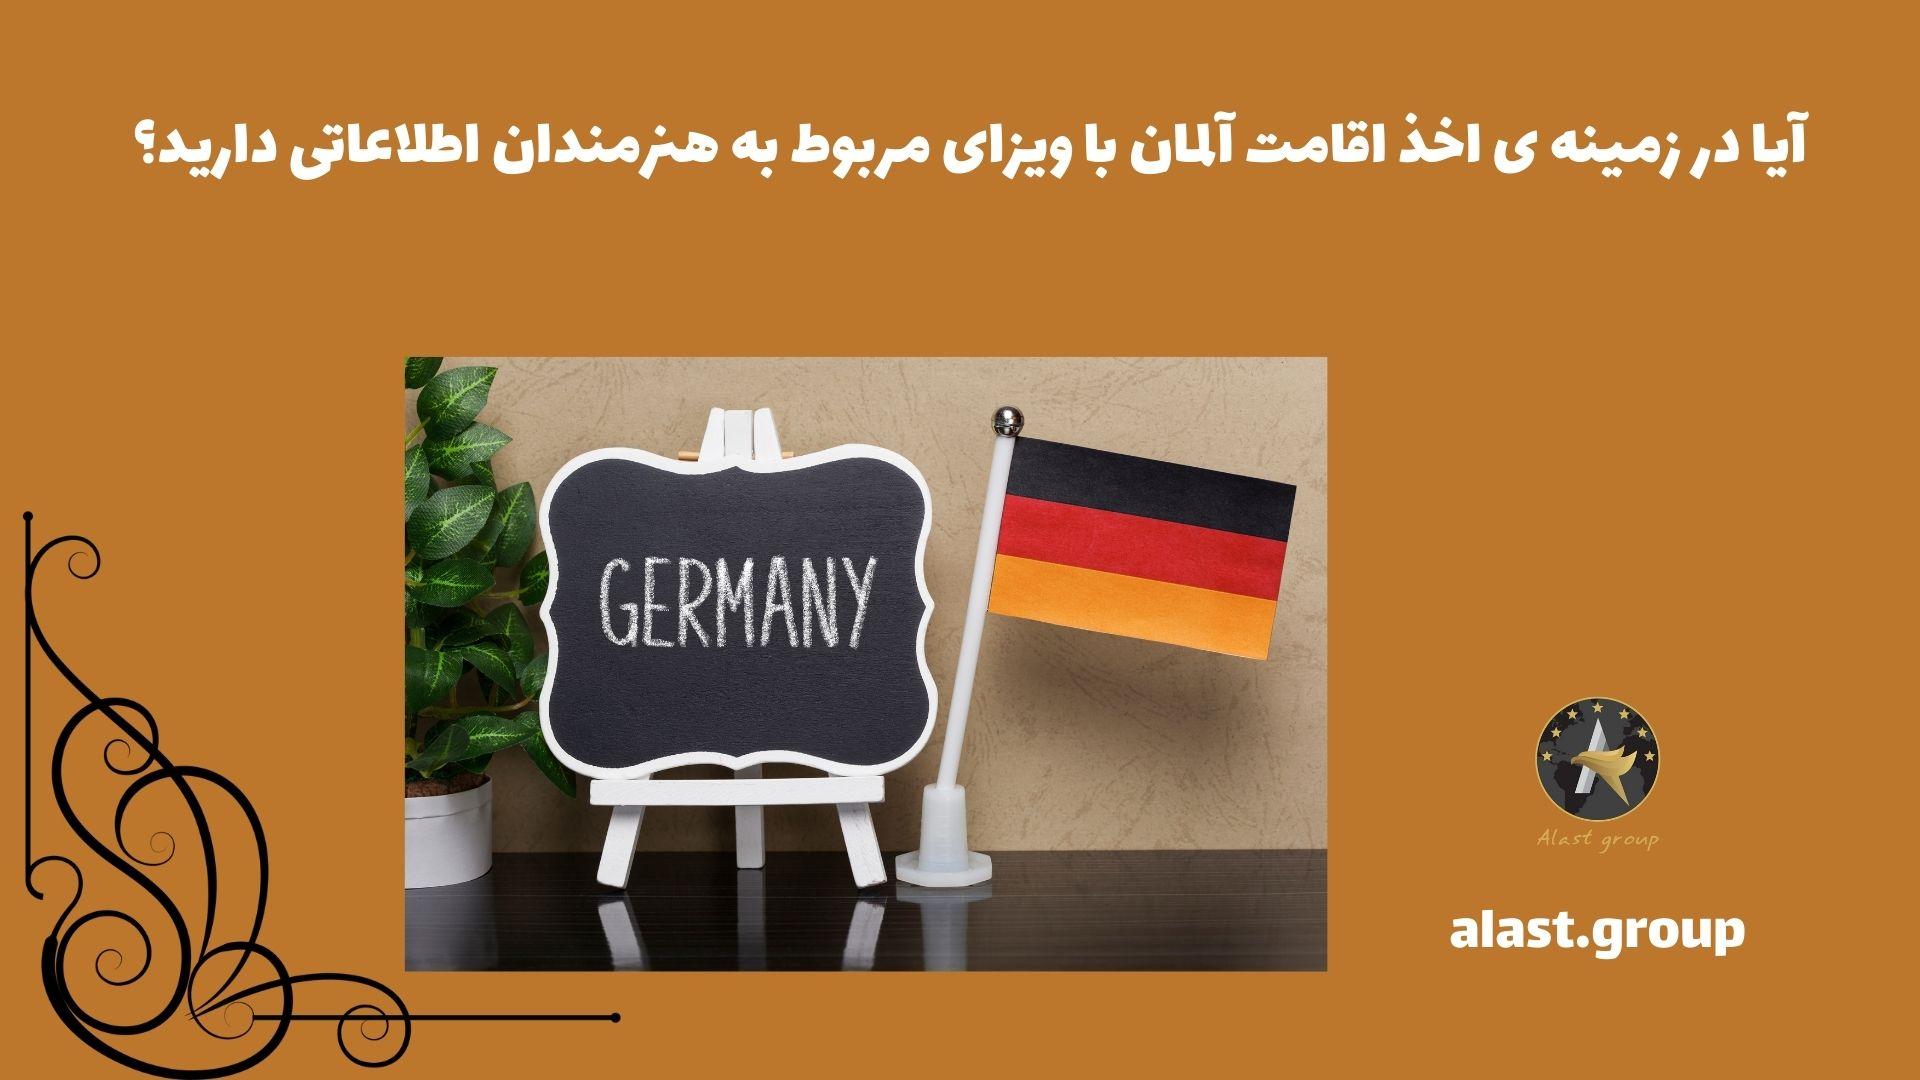 آیا در زمینه ی اخذ اقامت آلمان با ویزای مربوط به هنرمندان اطلاعاتی دارید؟